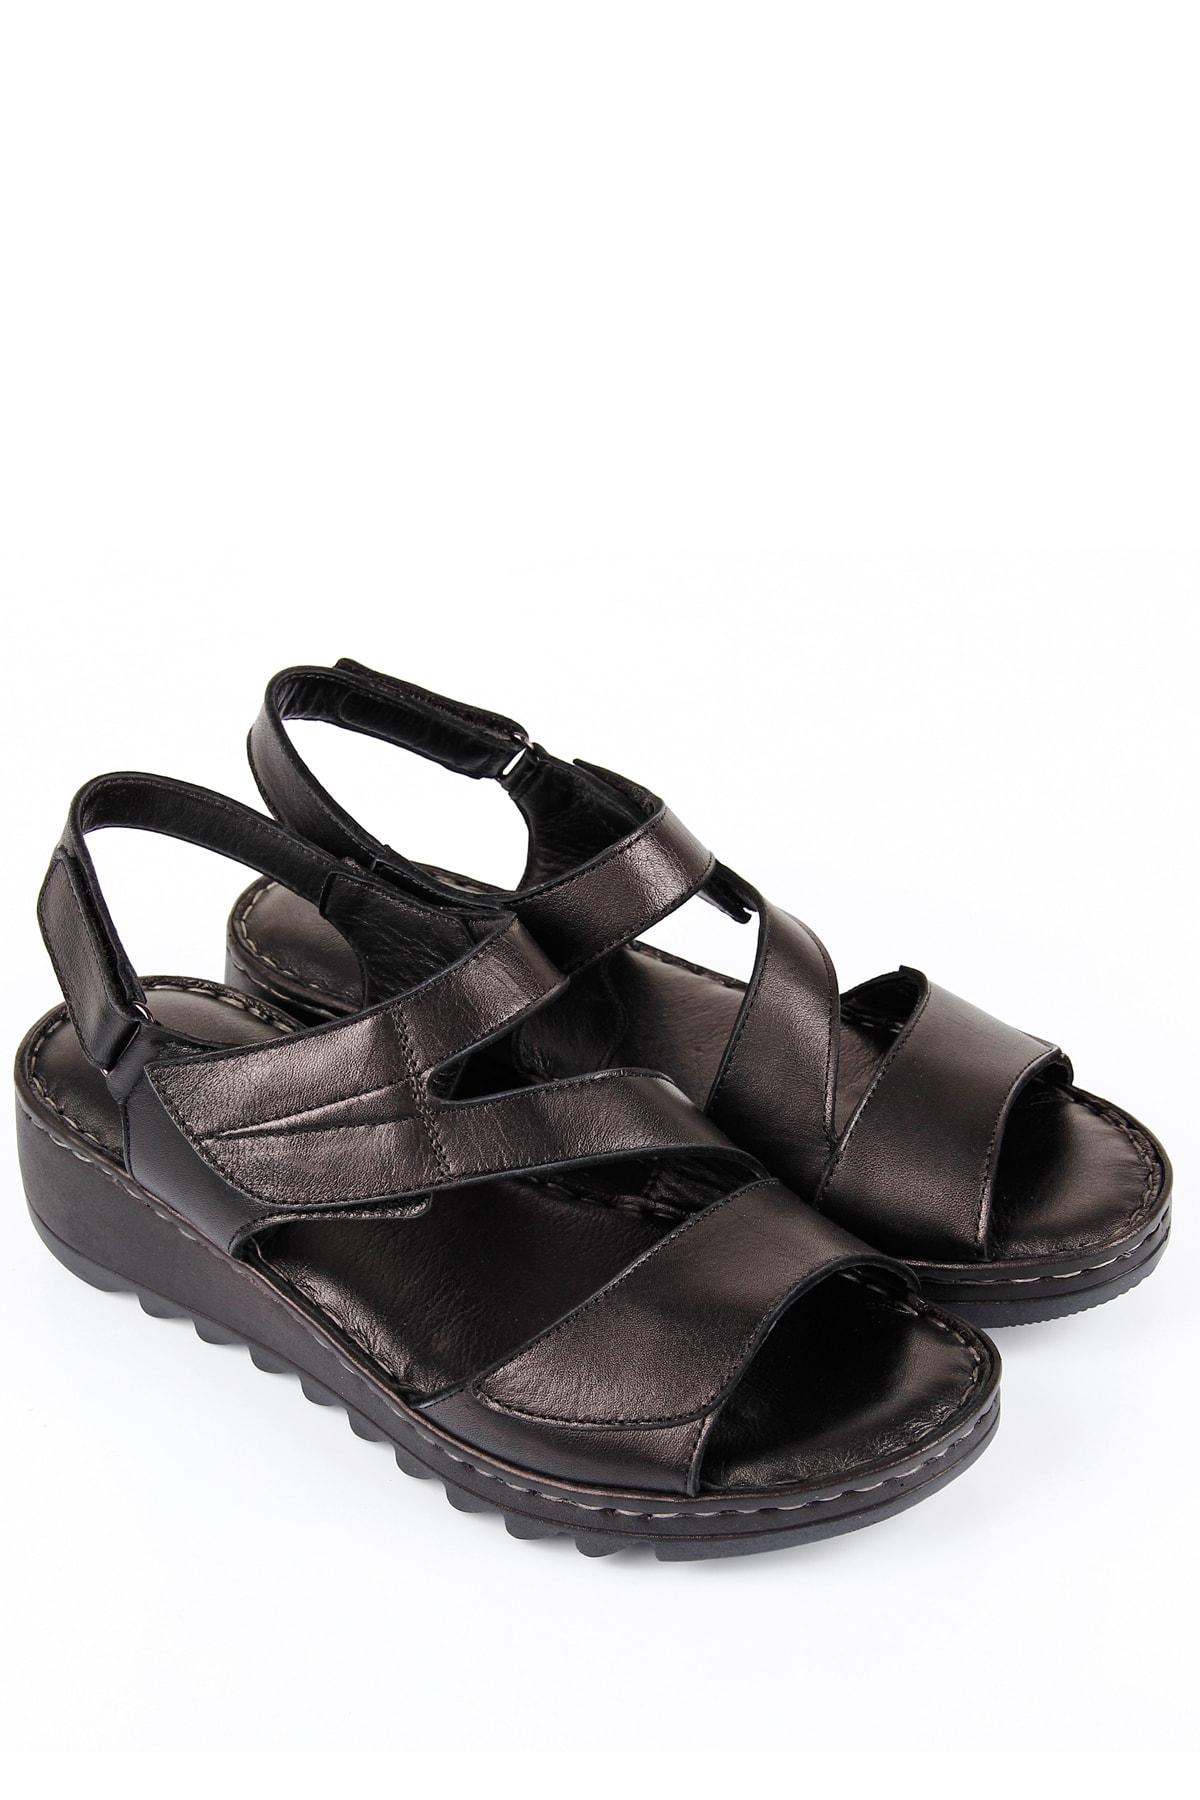 GÖN Siyah Kadın Sandalet DYZA70945508